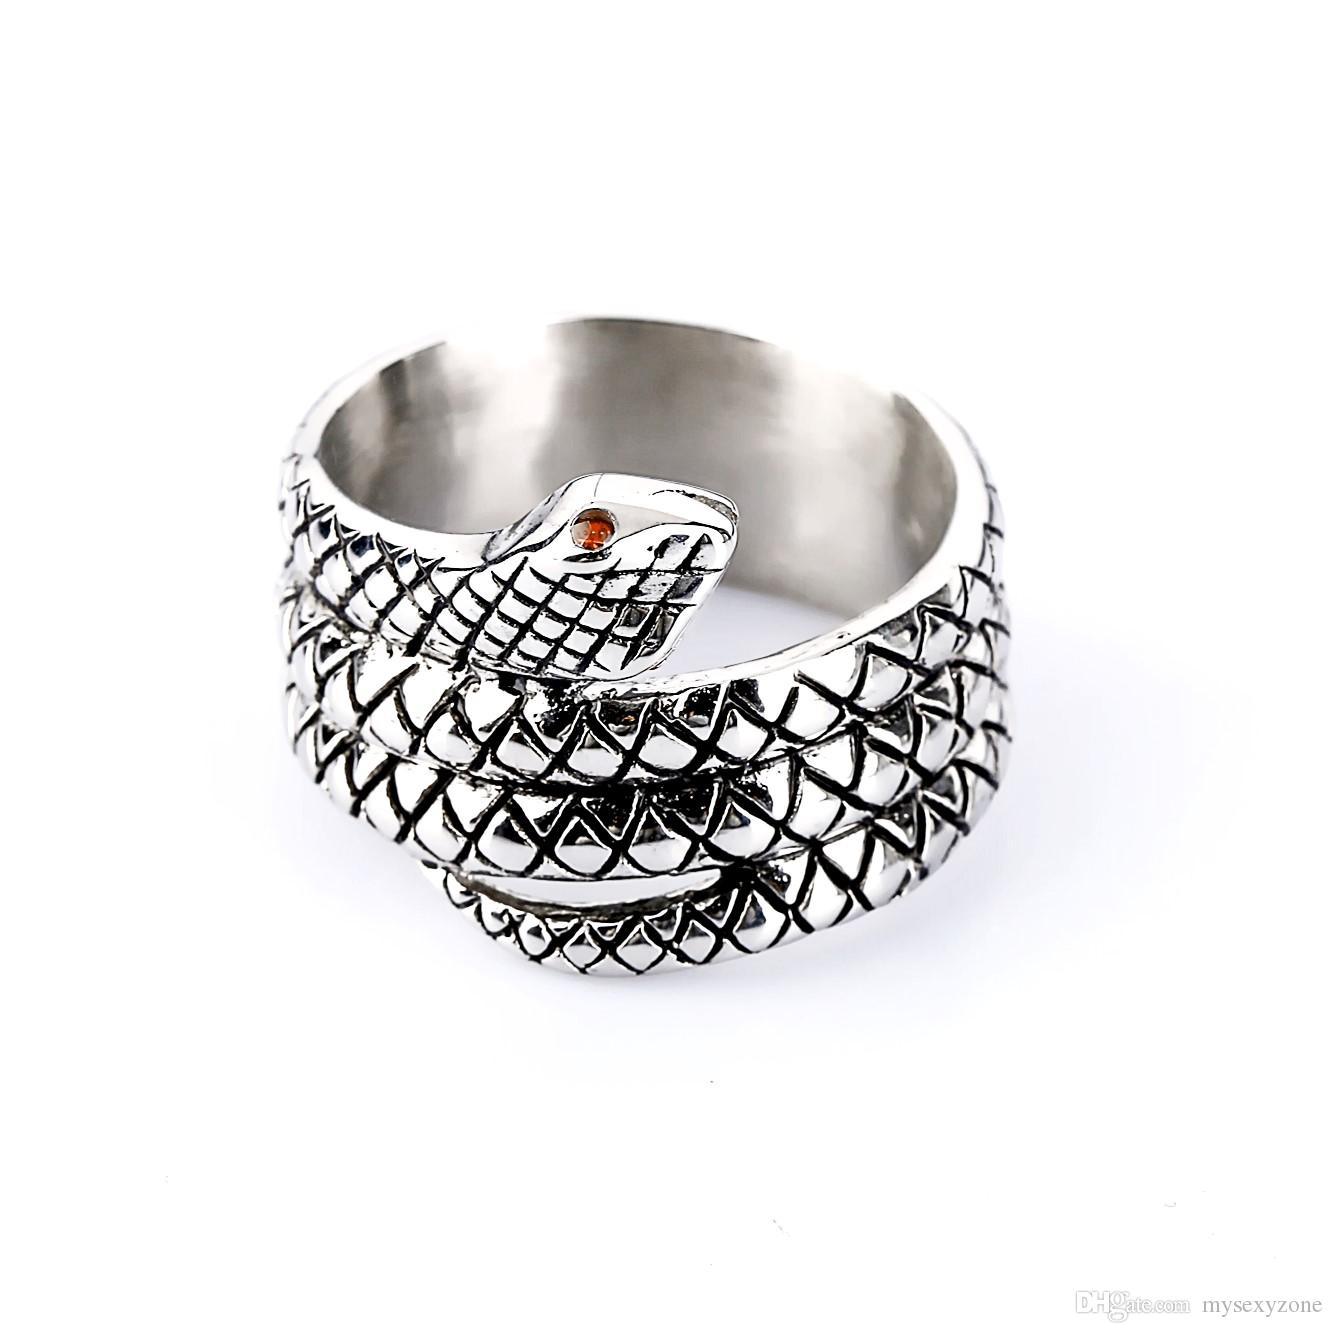 Private Design Кольцо Пениса Glans Ring Стиль Змеиная Голова Металл Мужское устройство целомудрия Мужское Кольцо Кобра для мужчины